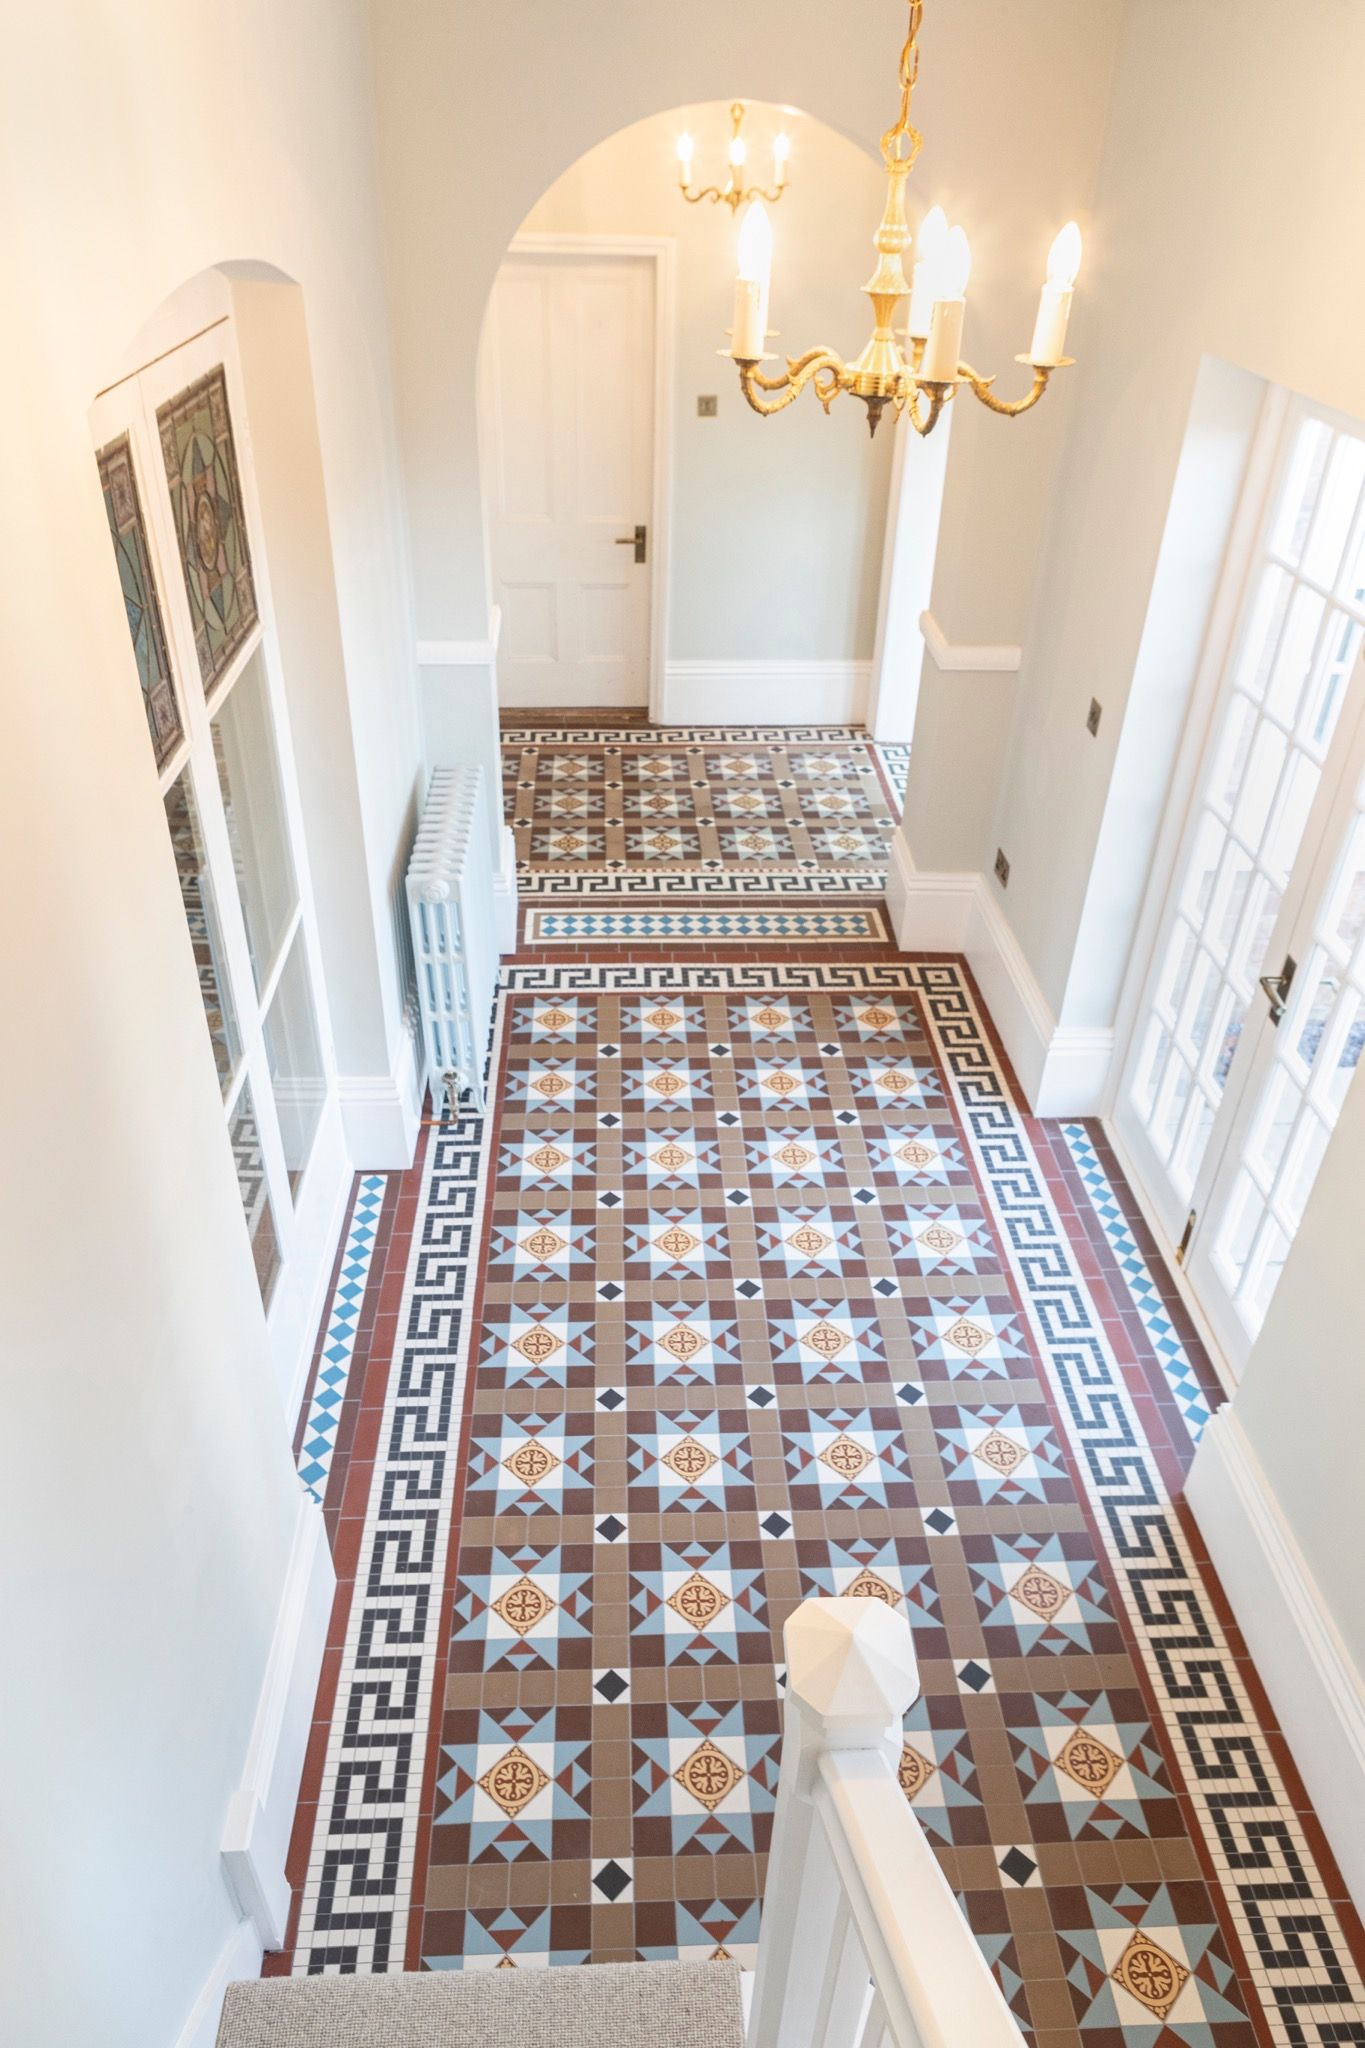 Pin By Karen King On Flooring In 2020 Tile Design Hallway Tiles Floor Floor Tile Design